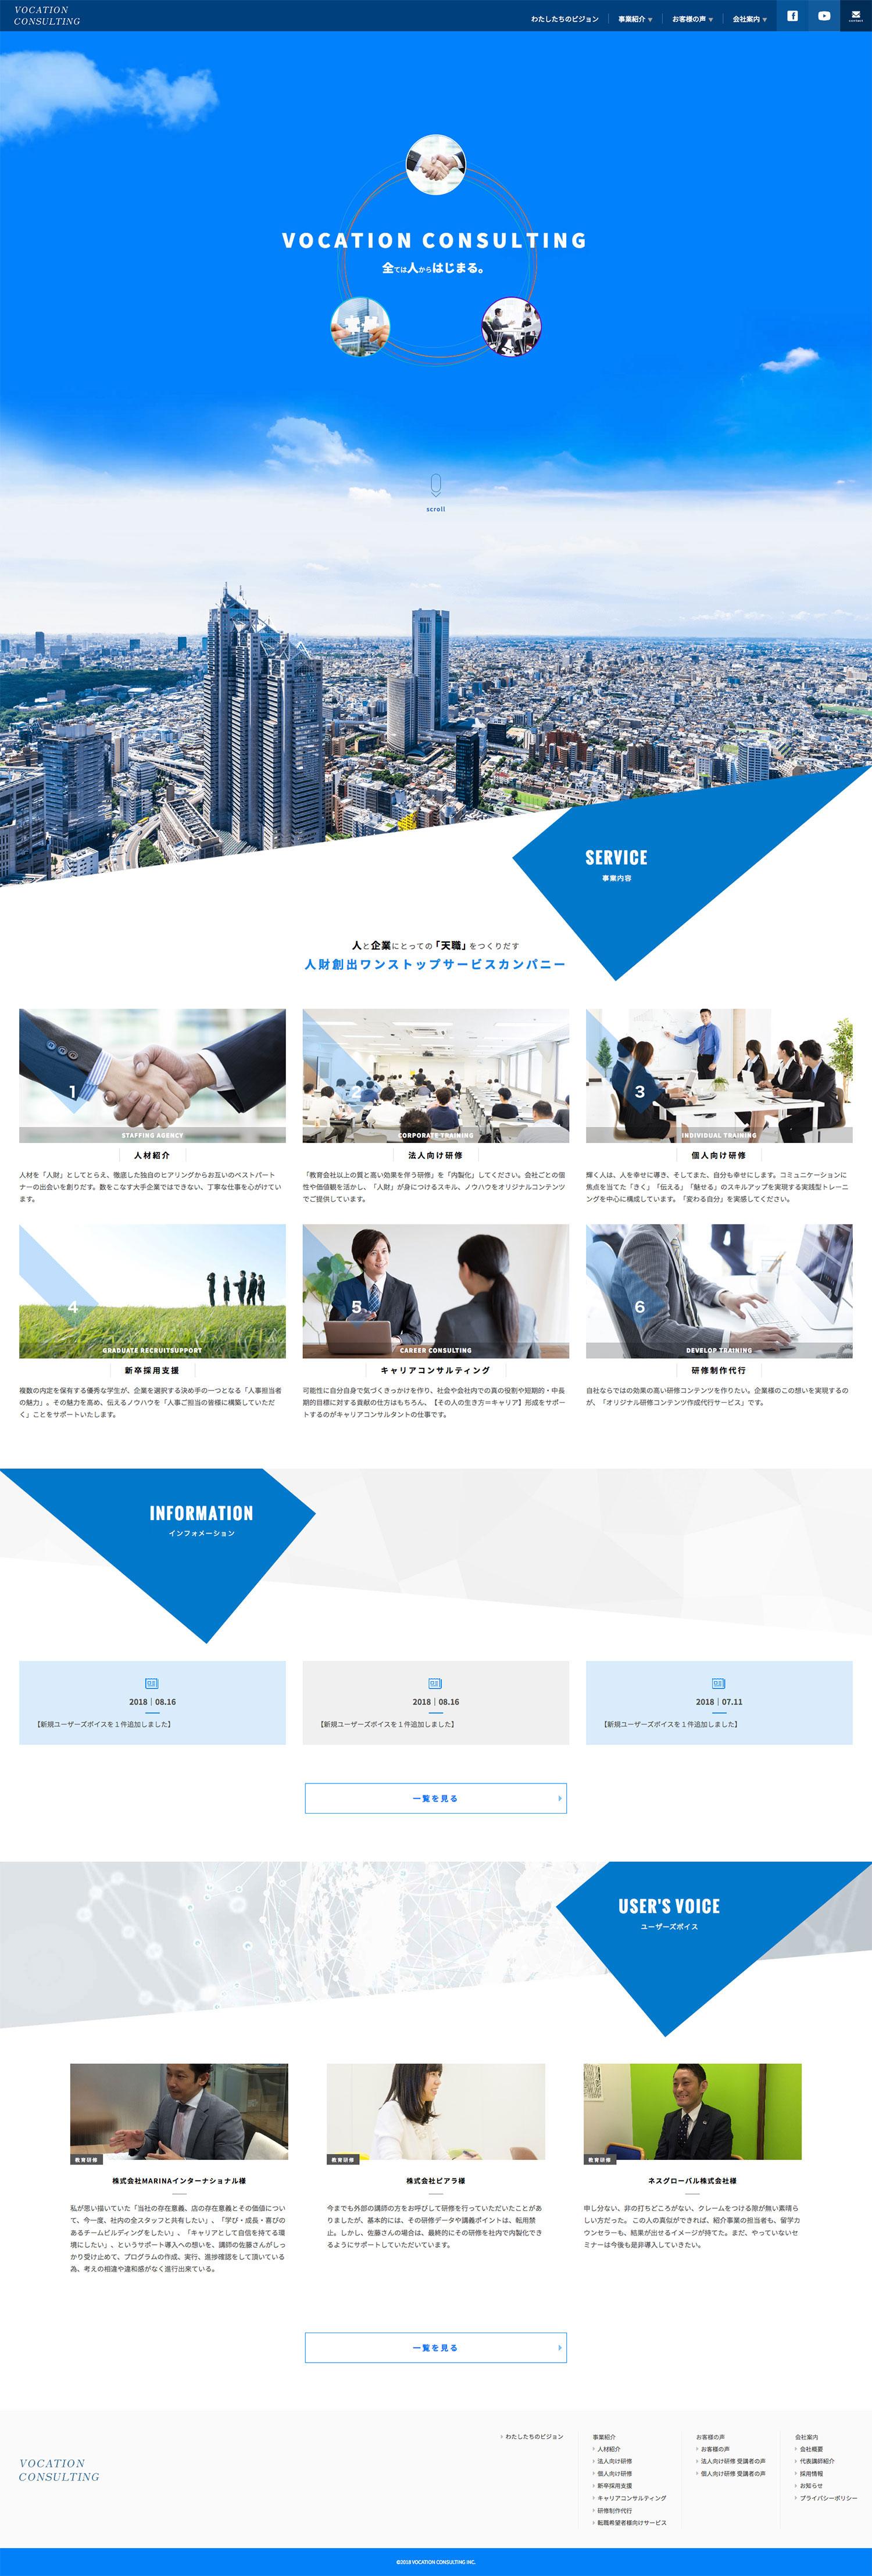 ヴォケイション・コンサルティング株式会社